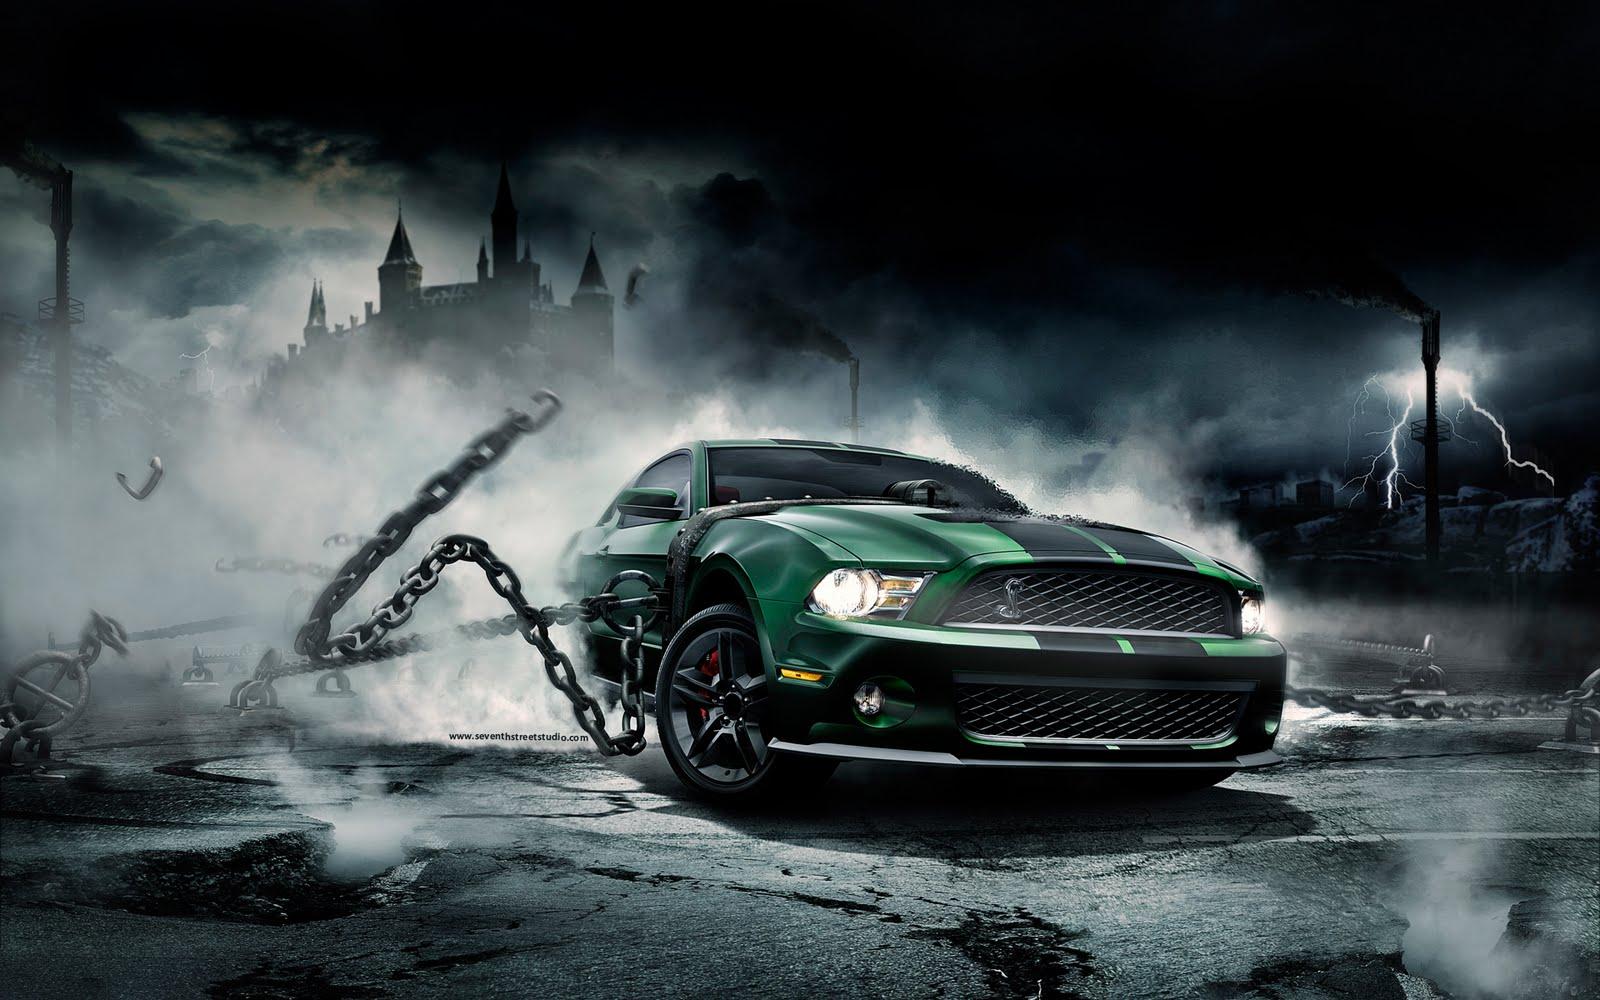 http://3.bp.blogspot.com/-BtNhZK8N324/Tbj7Hv9imiI/AAAAAAAACPc/GlC6zi0eIBM/s1600/TheWallpaperDB.blogspot.com__%20__Cars%20%2826%29.jpg